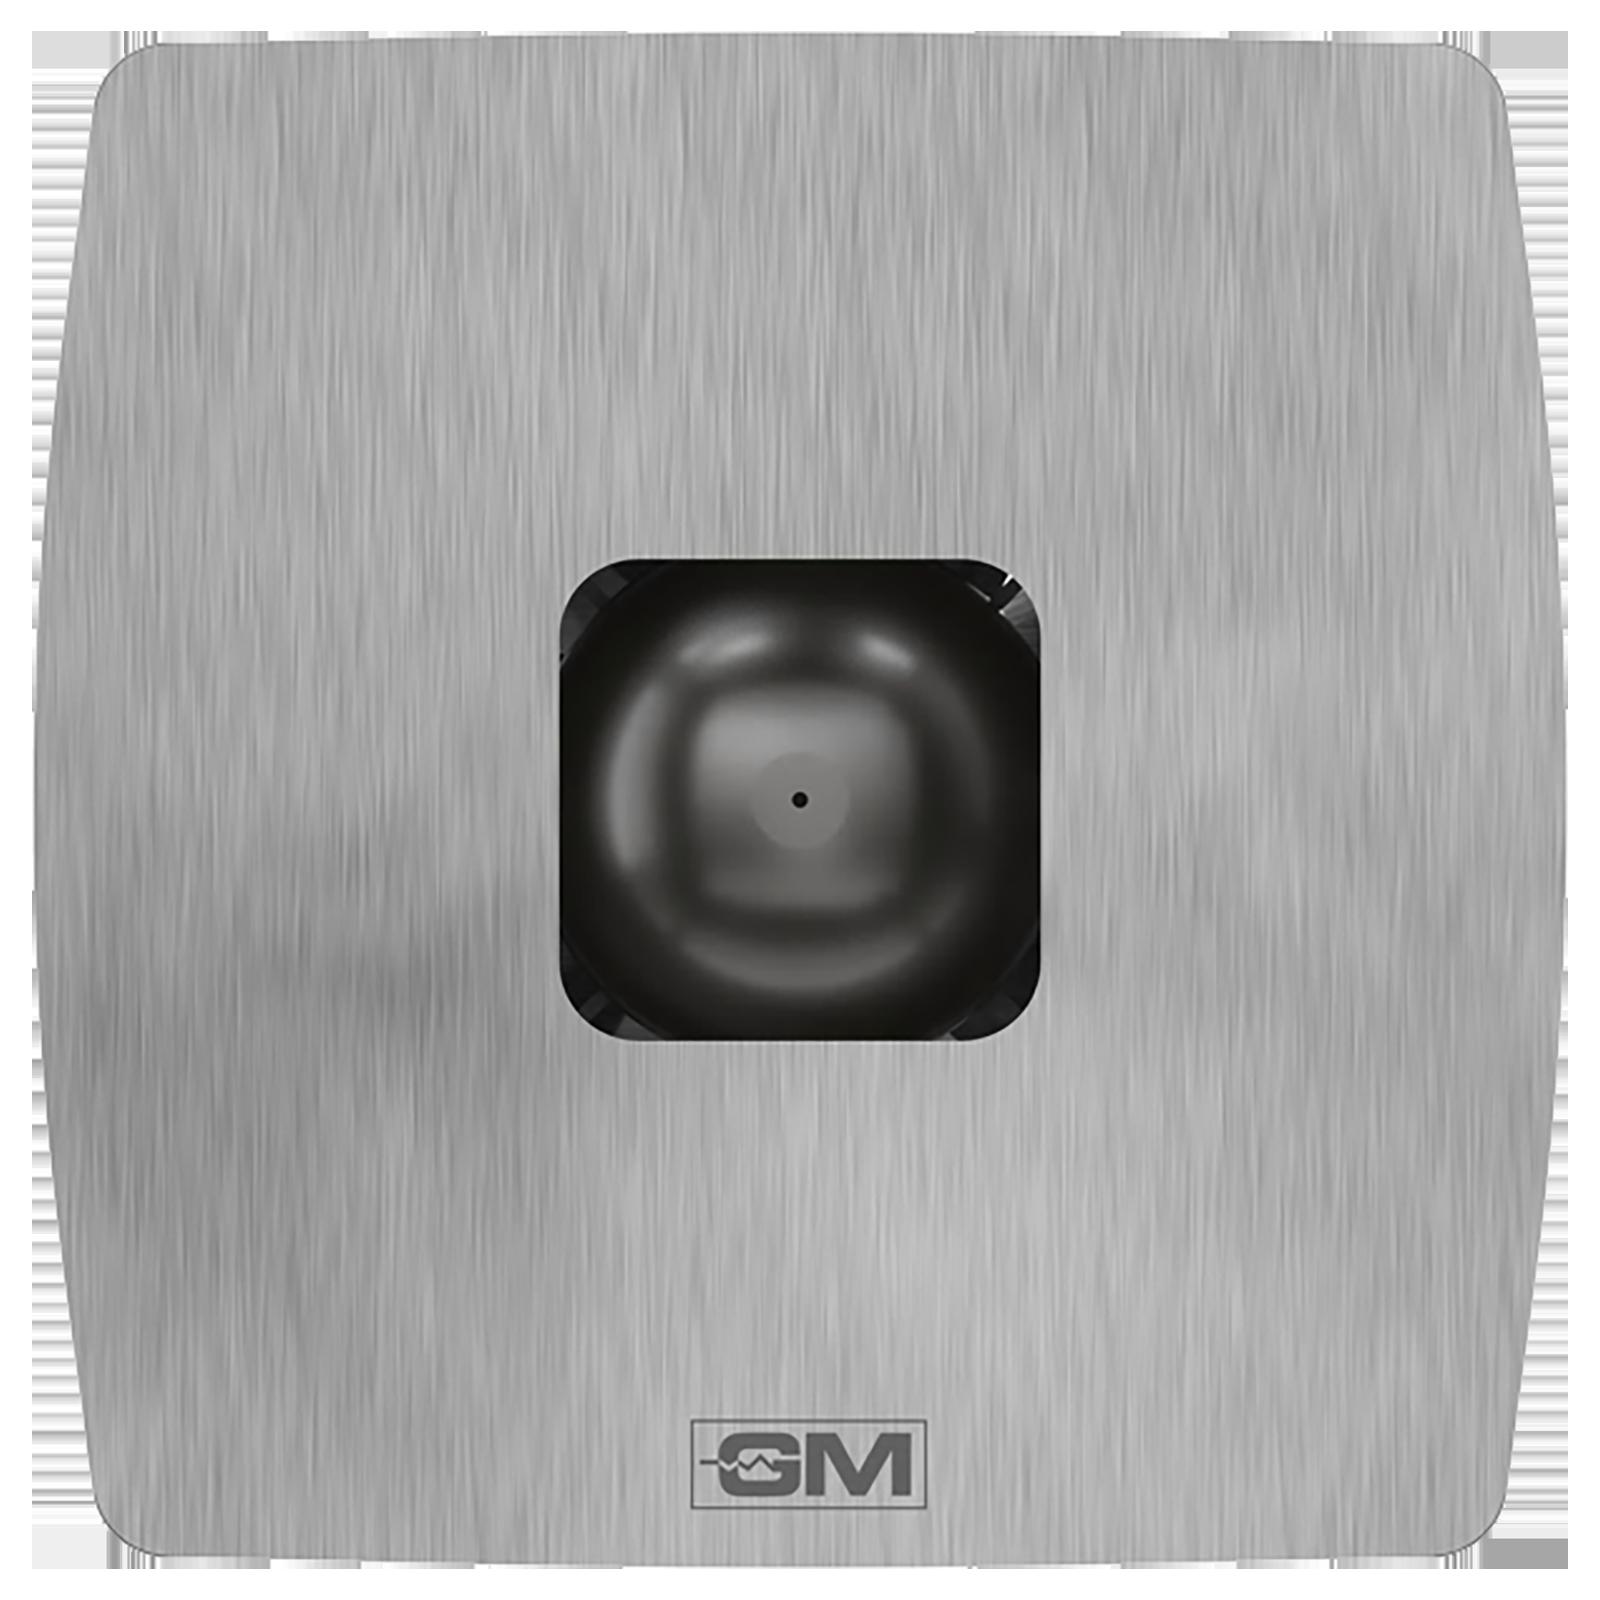 GM Afresho 15 cm Sweep Exhaust Fan (Noiseless Fan, VFI060042SSMC, Grey)_1